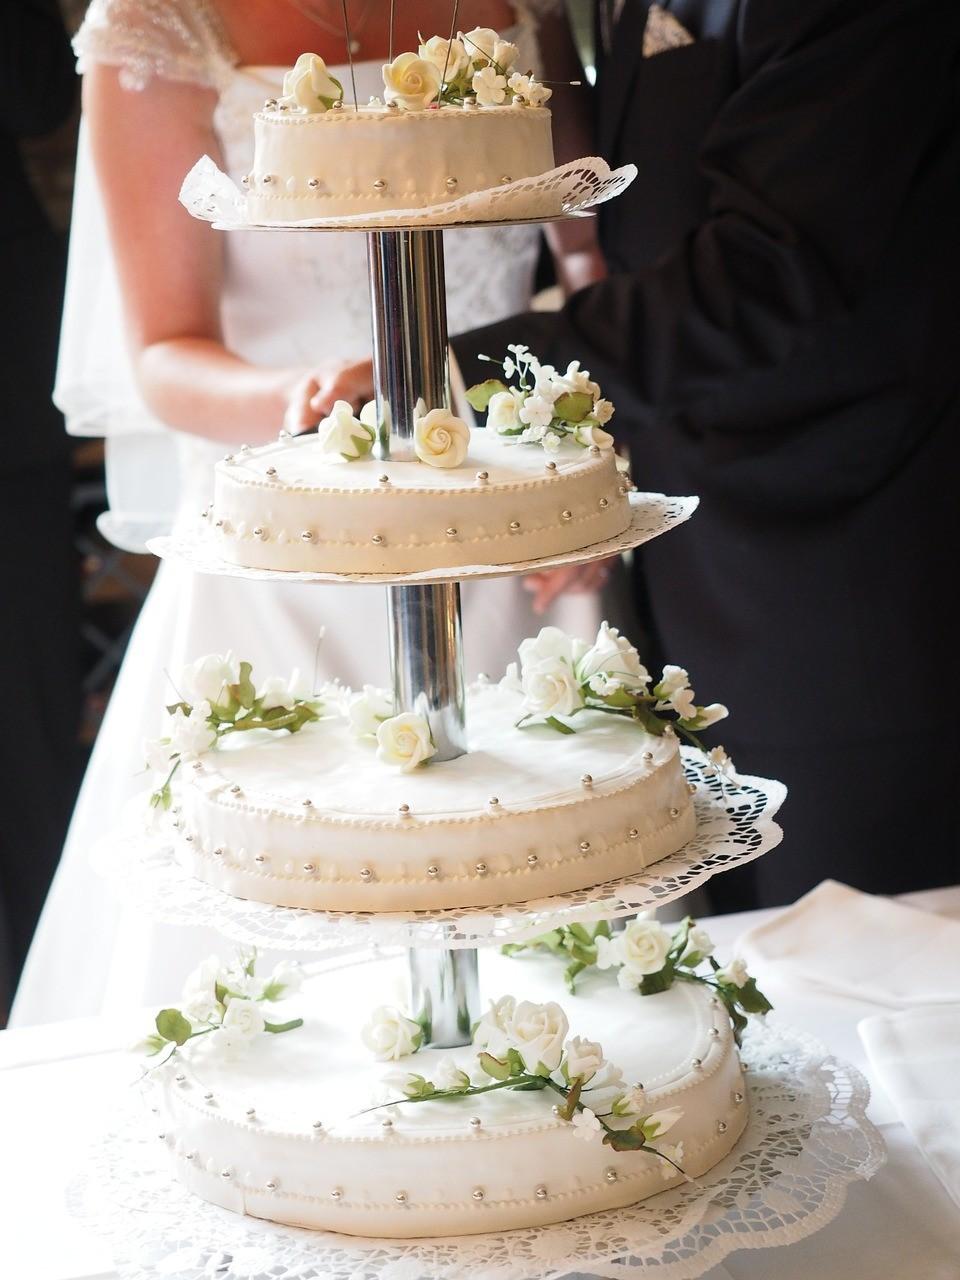 Perché la wedding cake costa così tanto?